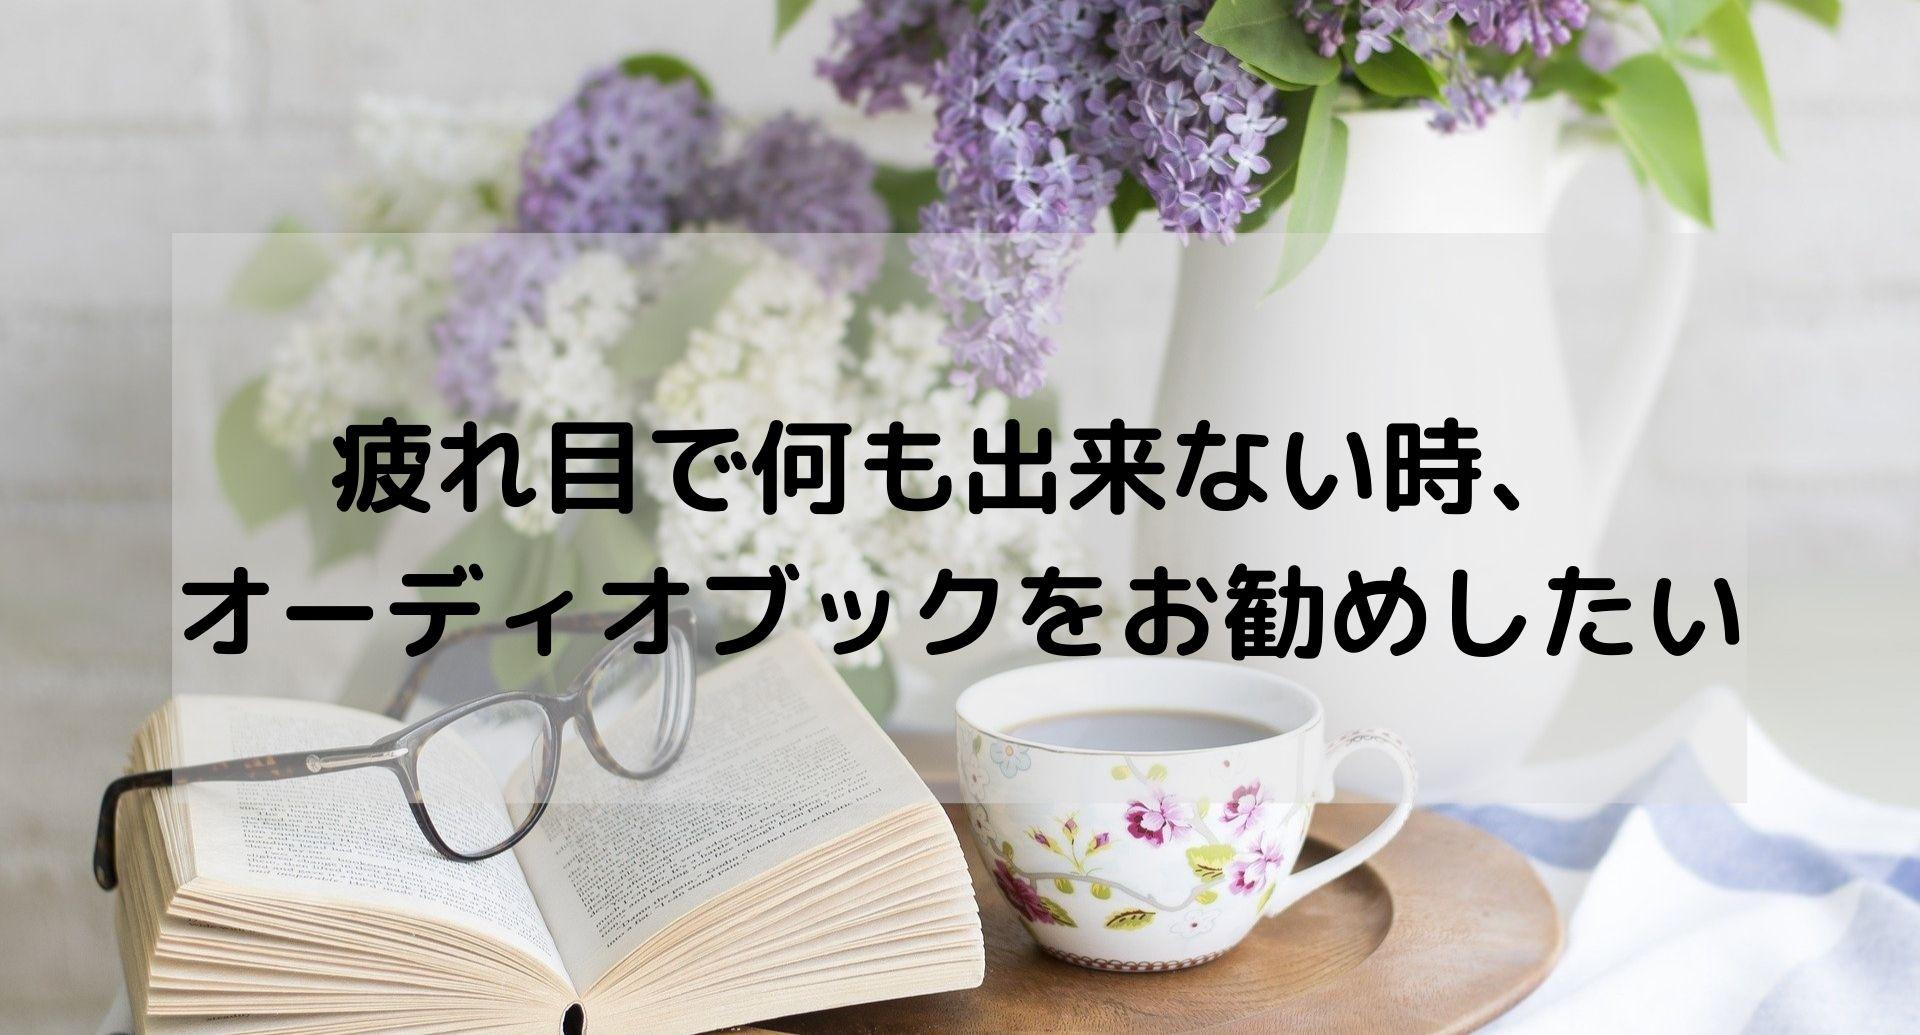 オーディオブック紹介